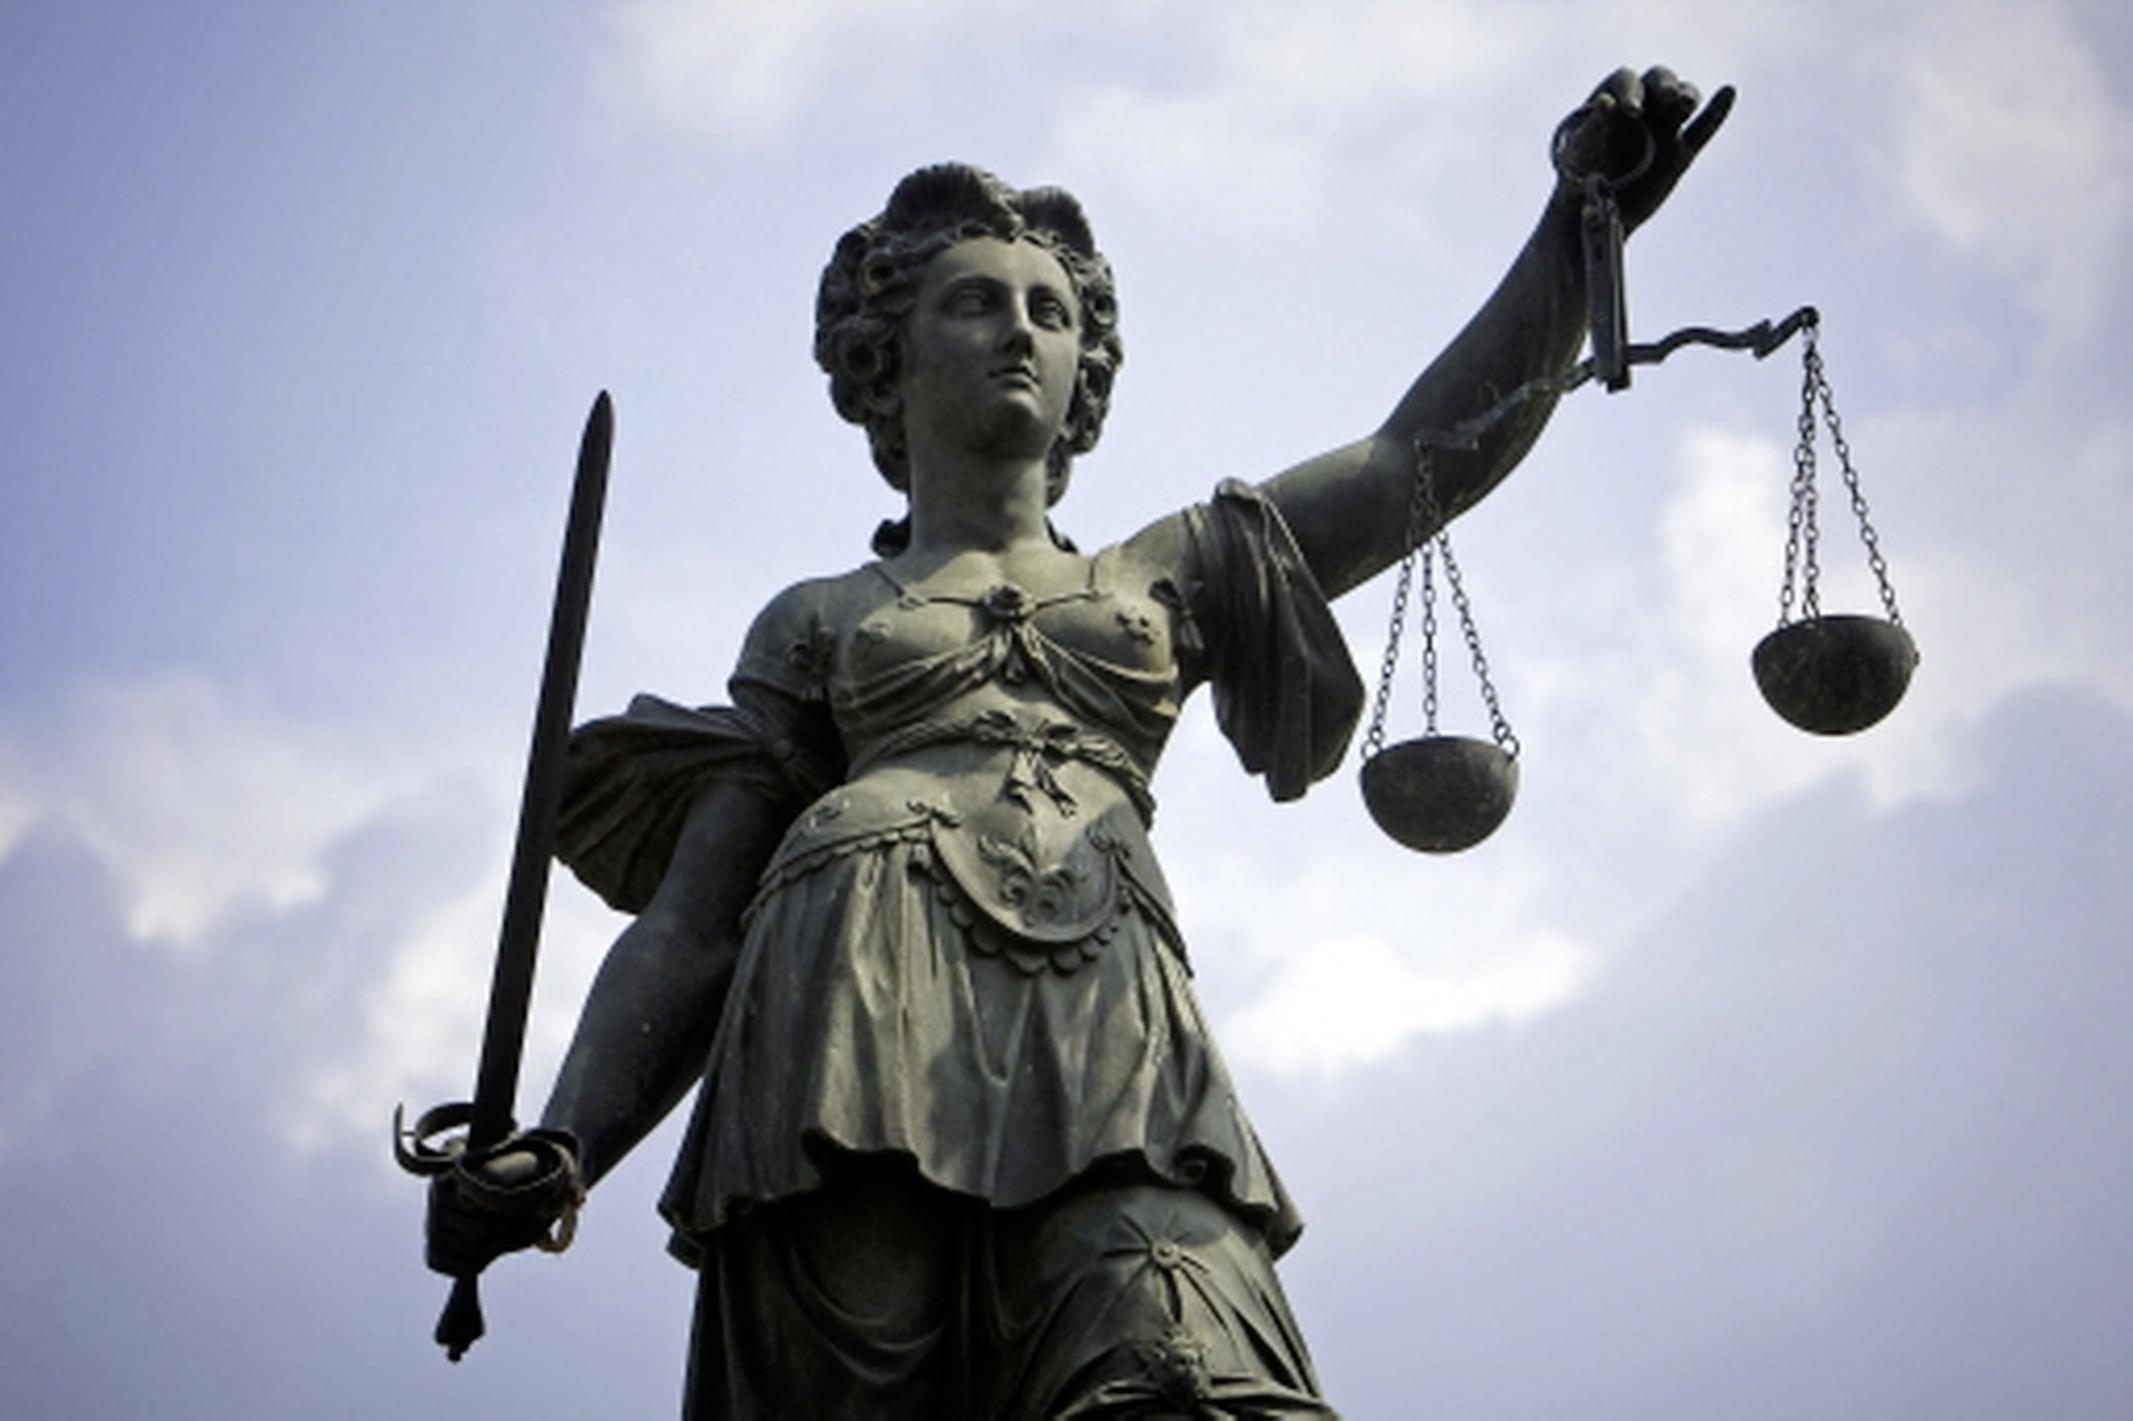 Tweetal de cel in na ontvoering van 14-jarige jongen in Wormerveer: 'Ernstig en schokkend, voor de jongen zeer angstaanjagend'